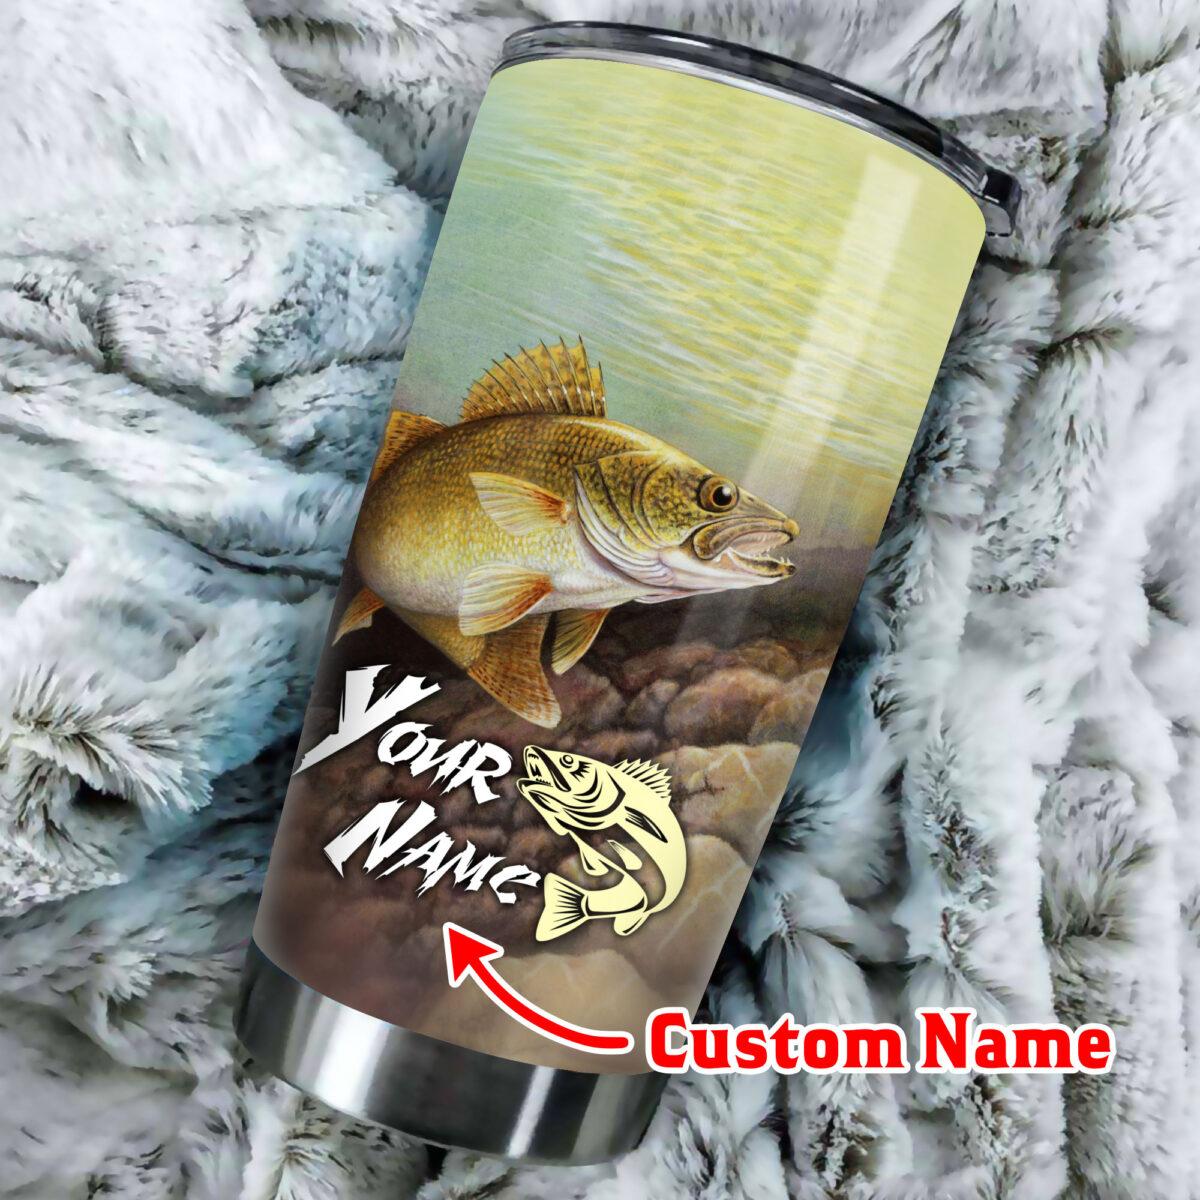 custom name love fishing all over print stainless steel tumbler 2